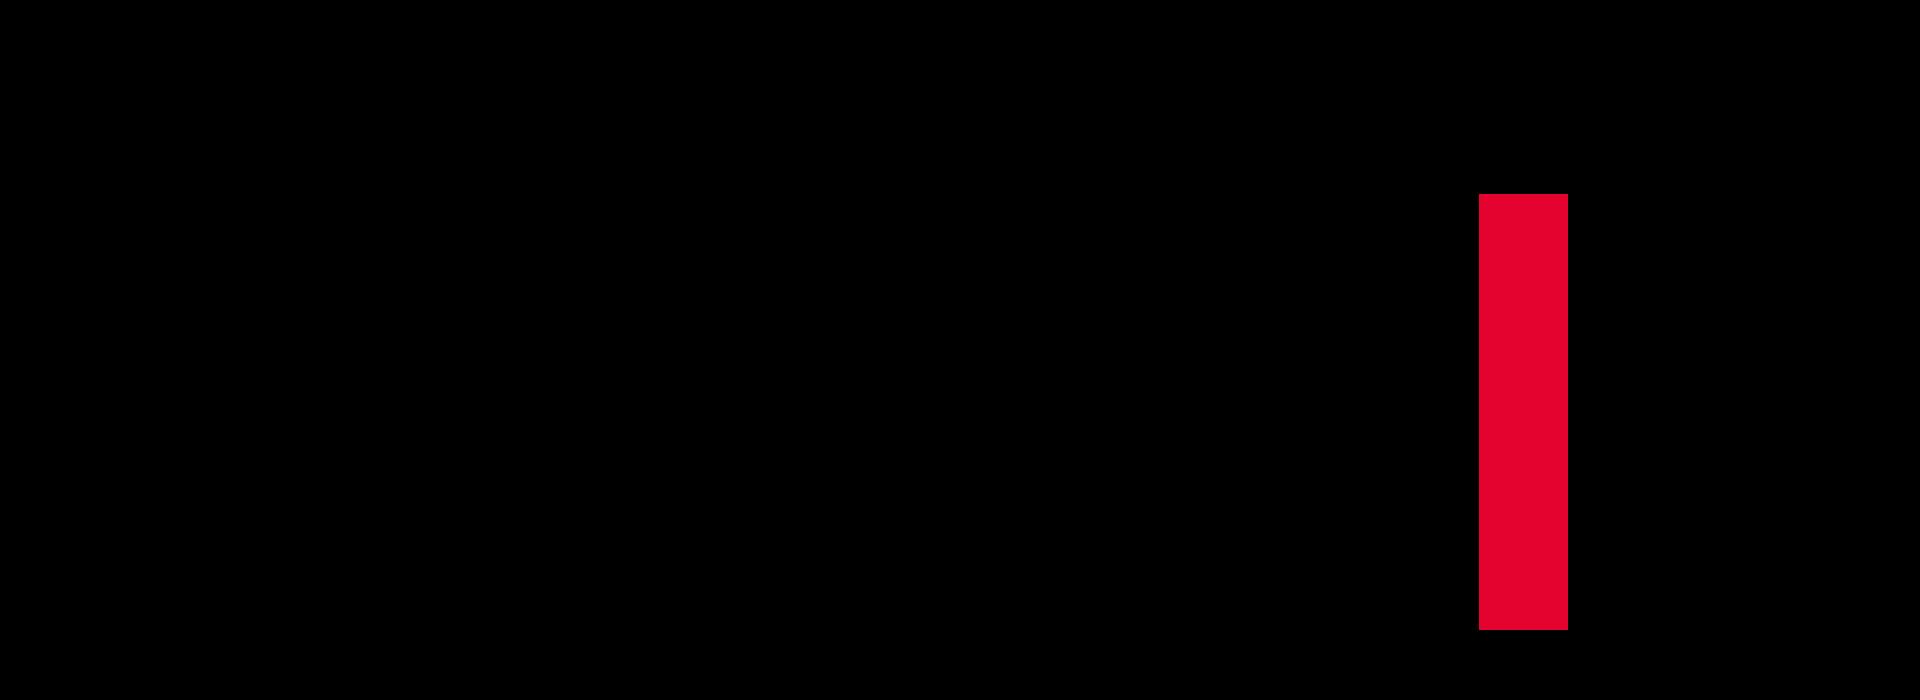 rsgp-slider-v4-11.png